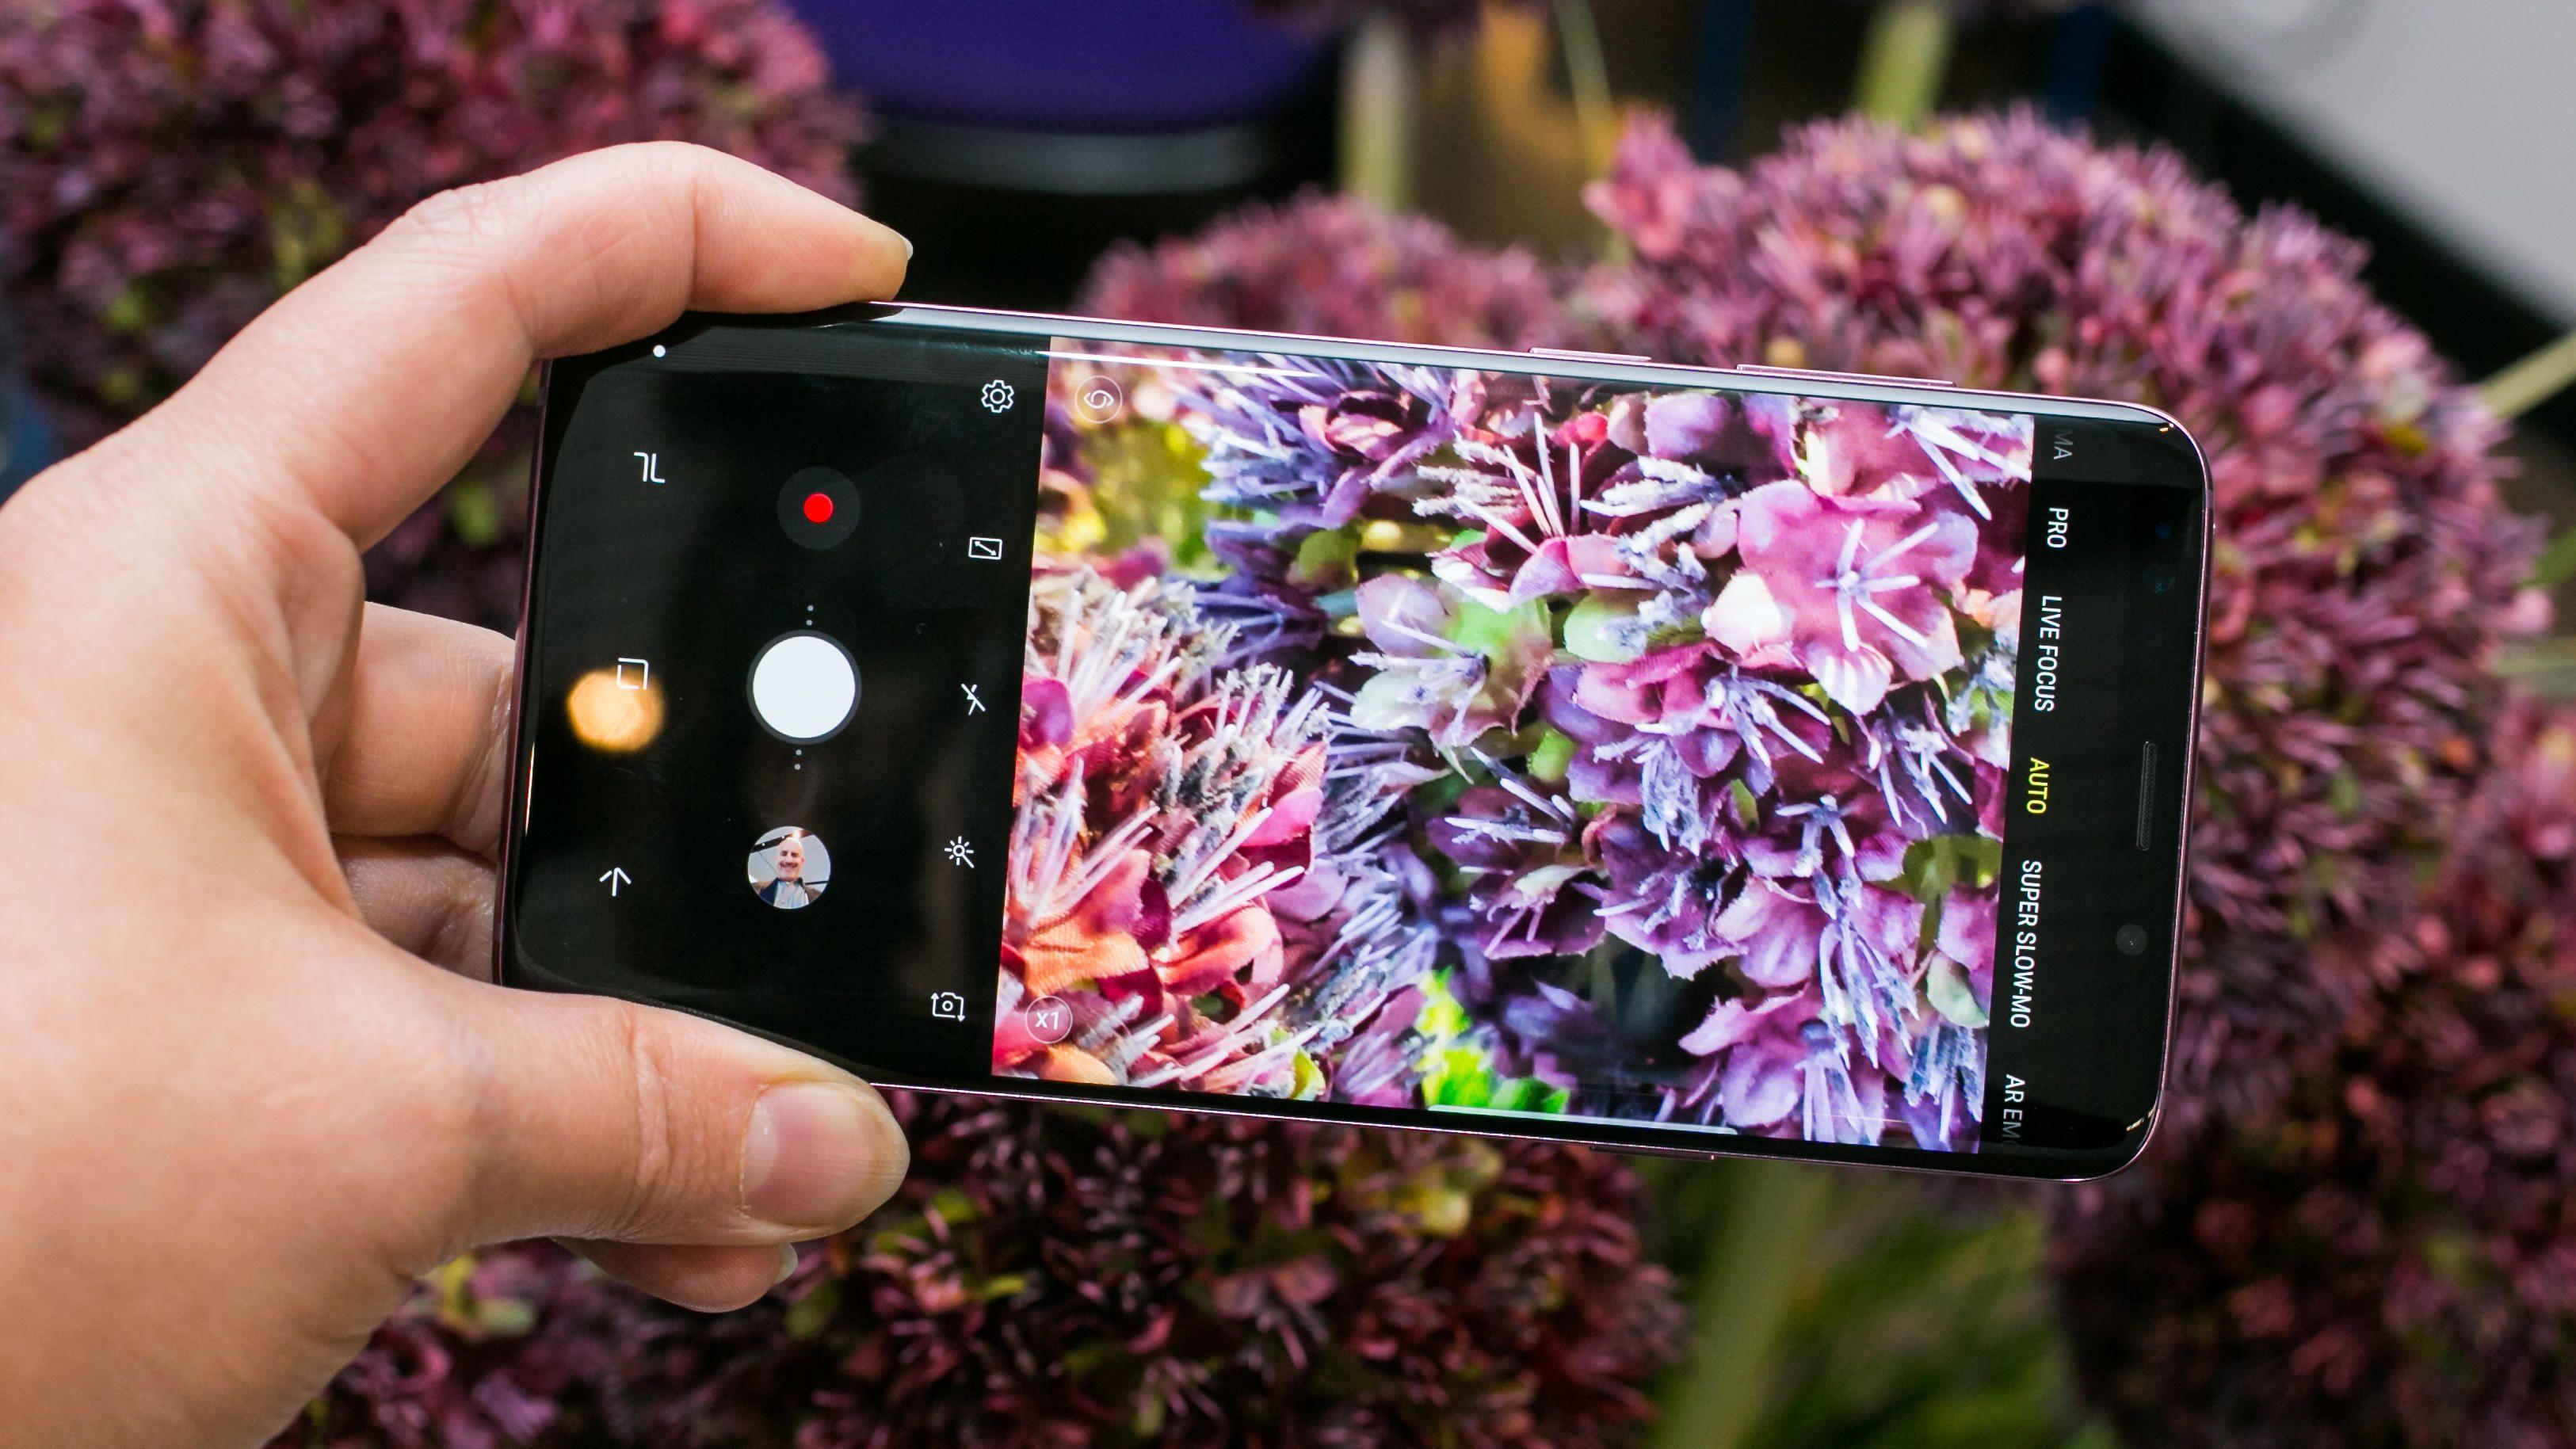 Samsung Galaxy S9 i S9 Plus w koñcu oficjalnie ukazane! Cena, specyfikacja, dostêpno¶æ